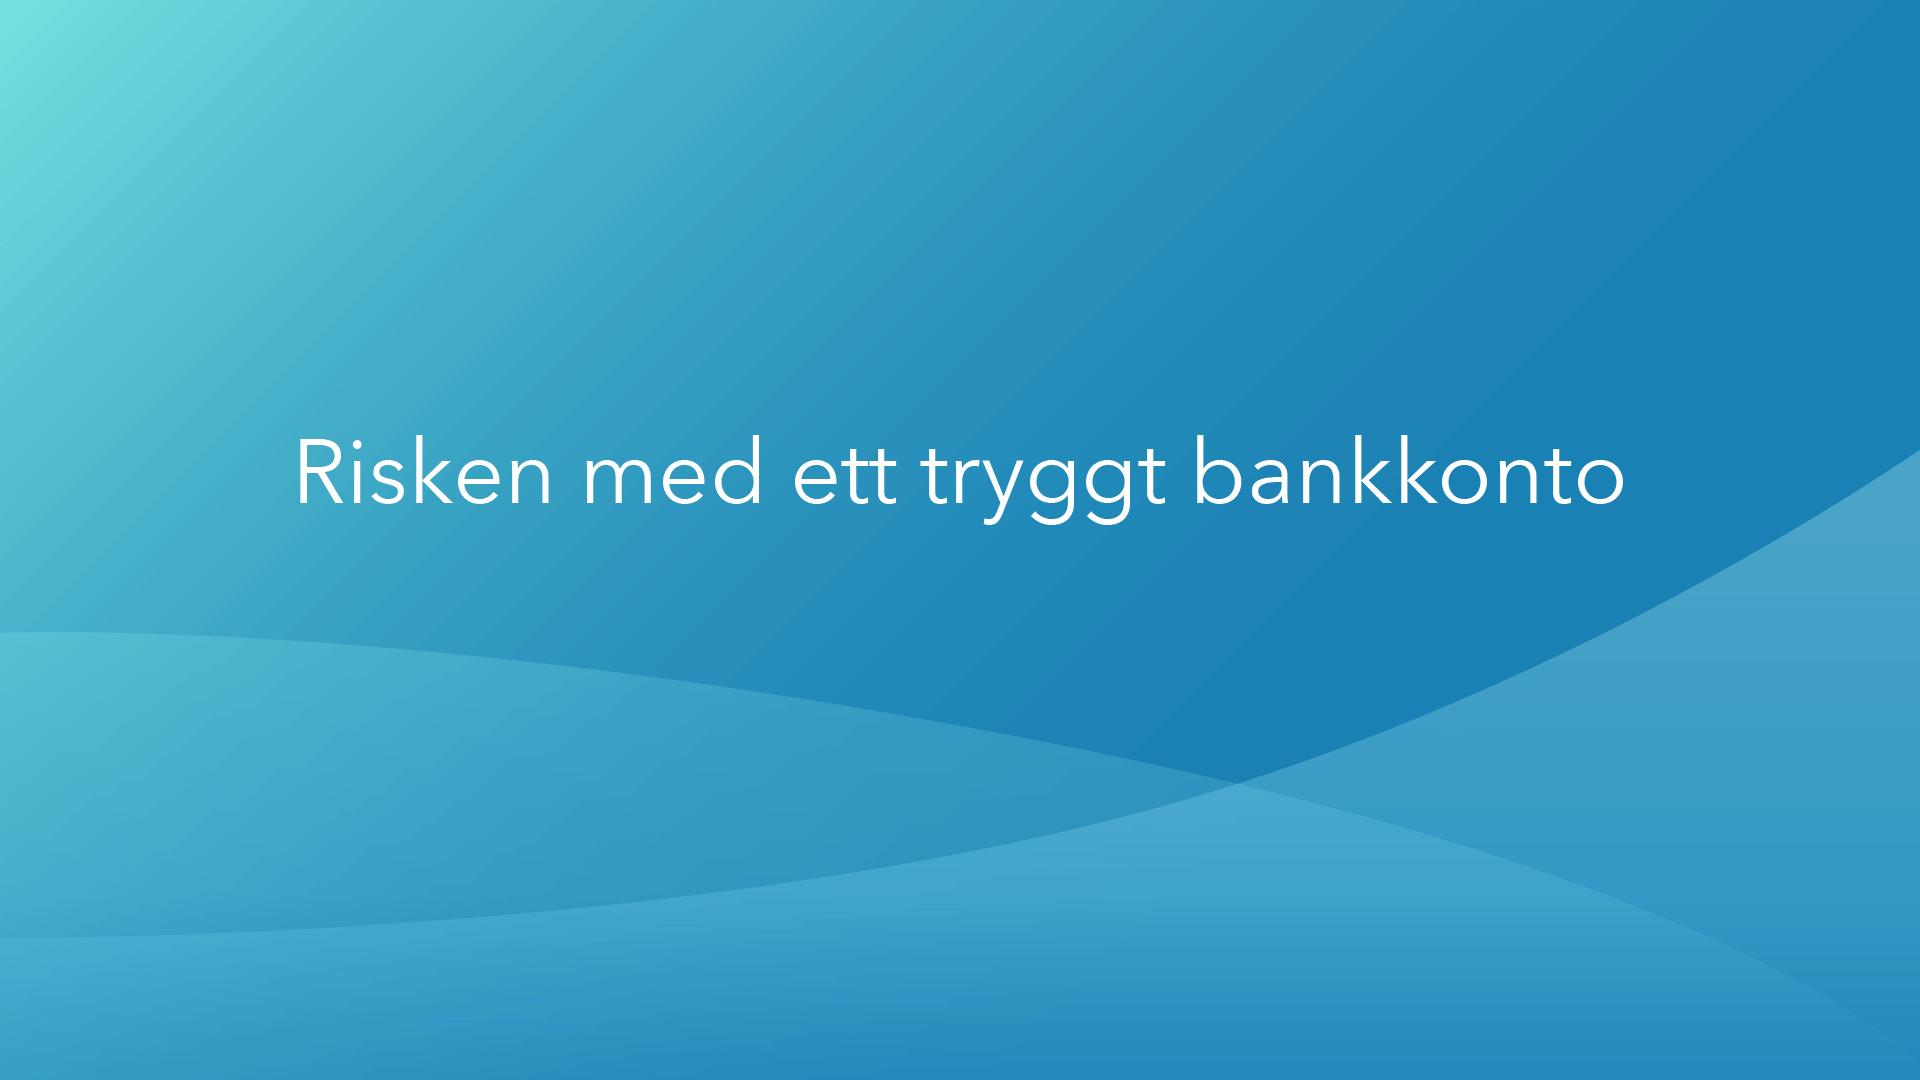 Risken med ett tryggt bankkonto